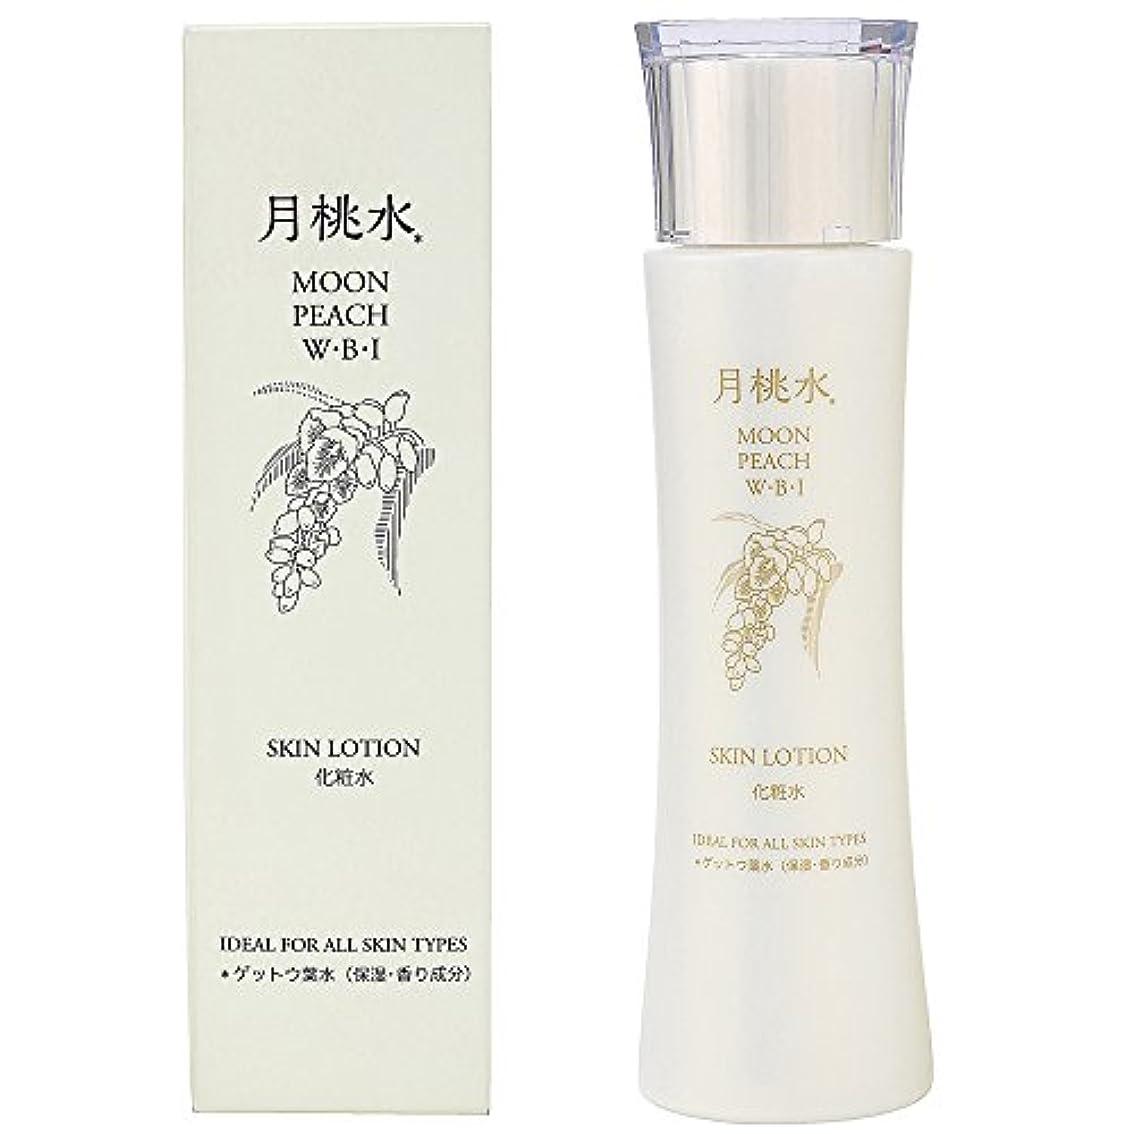 おばあさん物思いにふける利点化粧水 月桃水 無農薬栽培 MOON PEACH 200ml 敏感肌